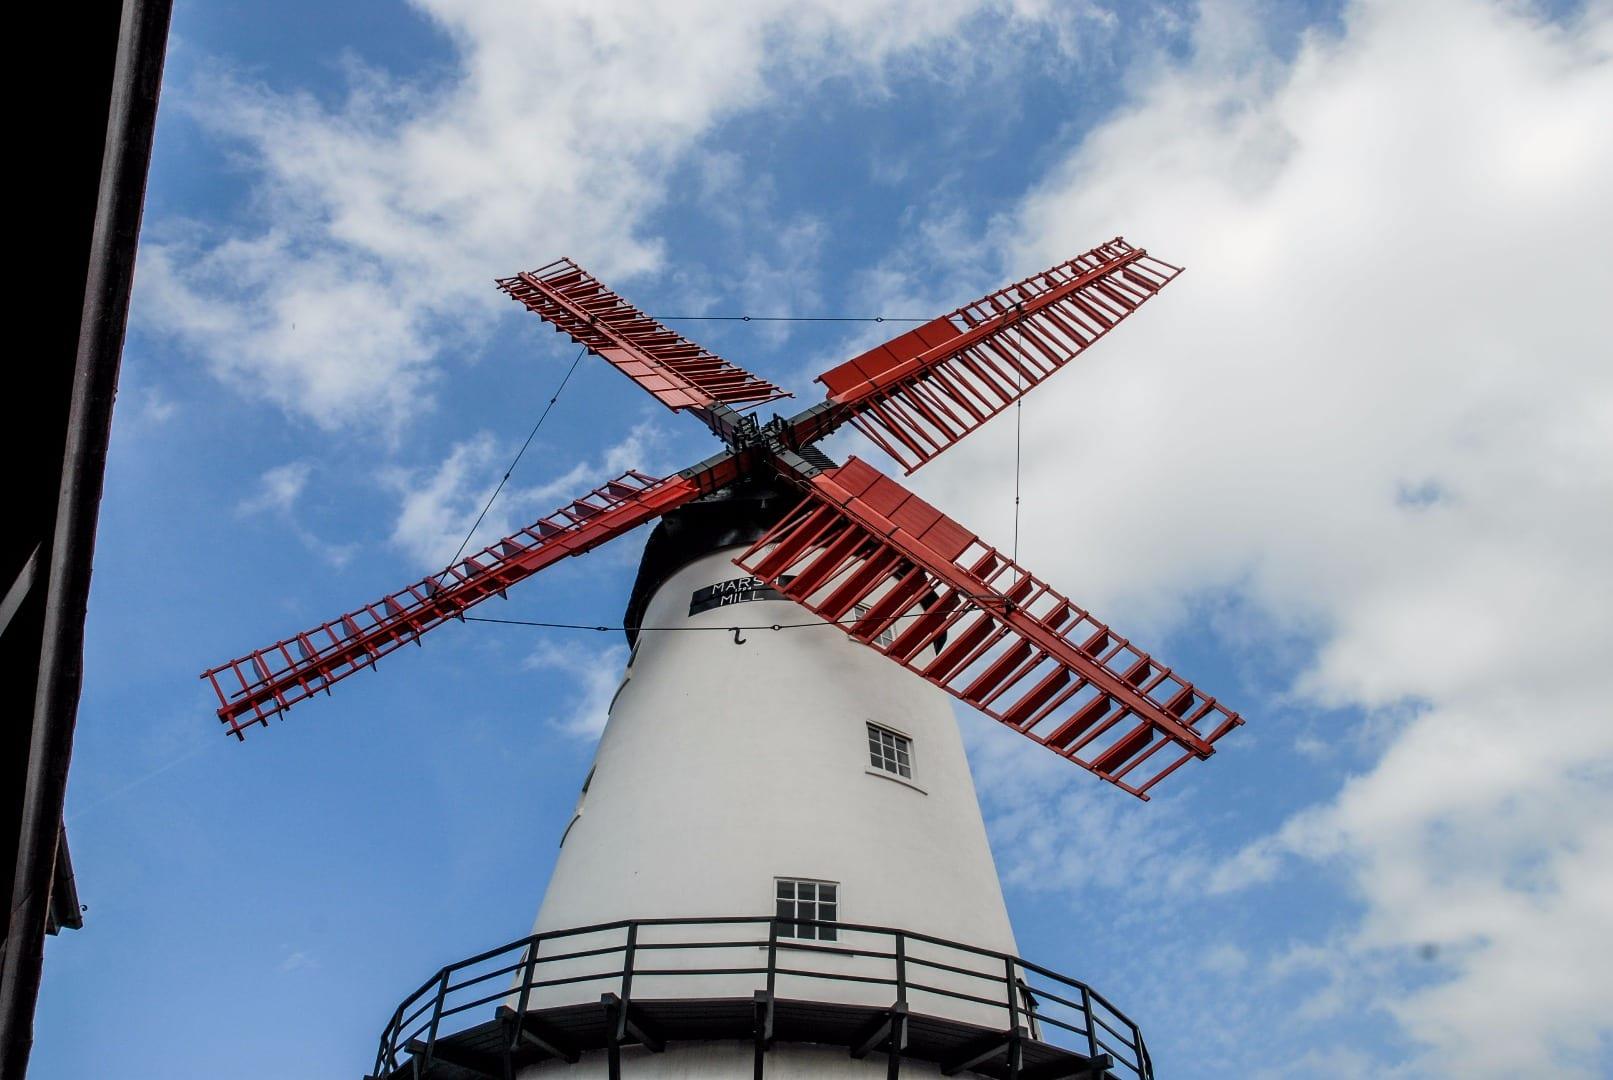 Marsh Mill windmill